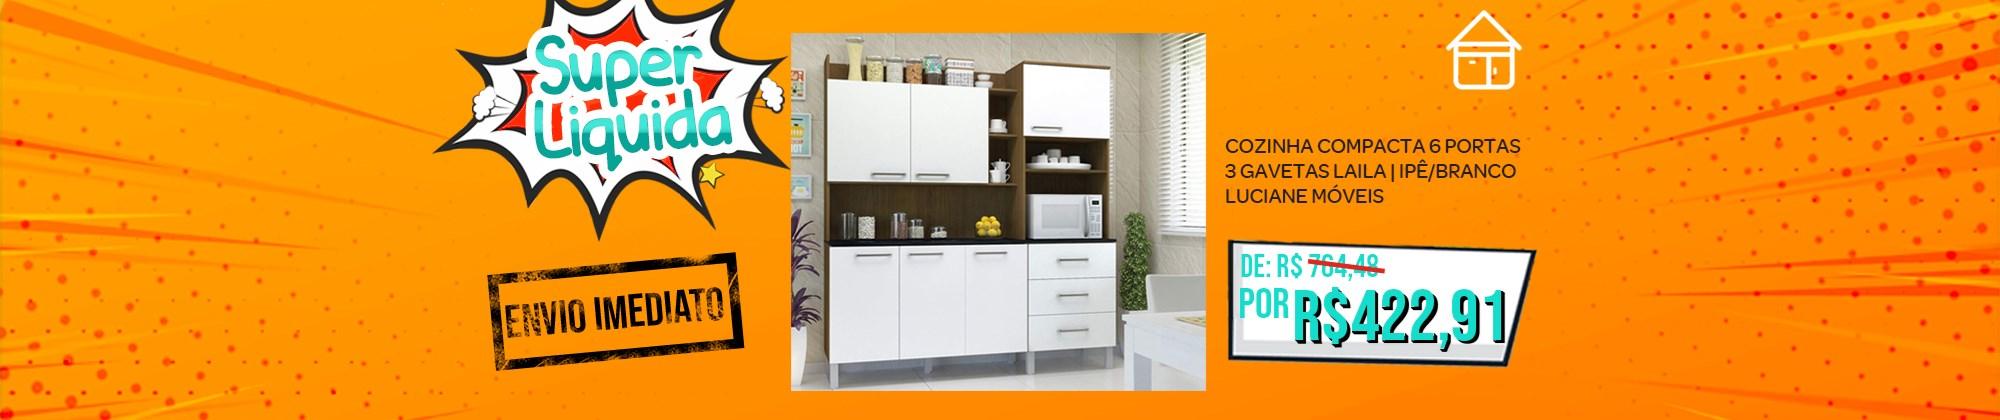 Cozinha Compacta 6 Portas e 3 Gavetas Laila Ipê / Branco Luciane